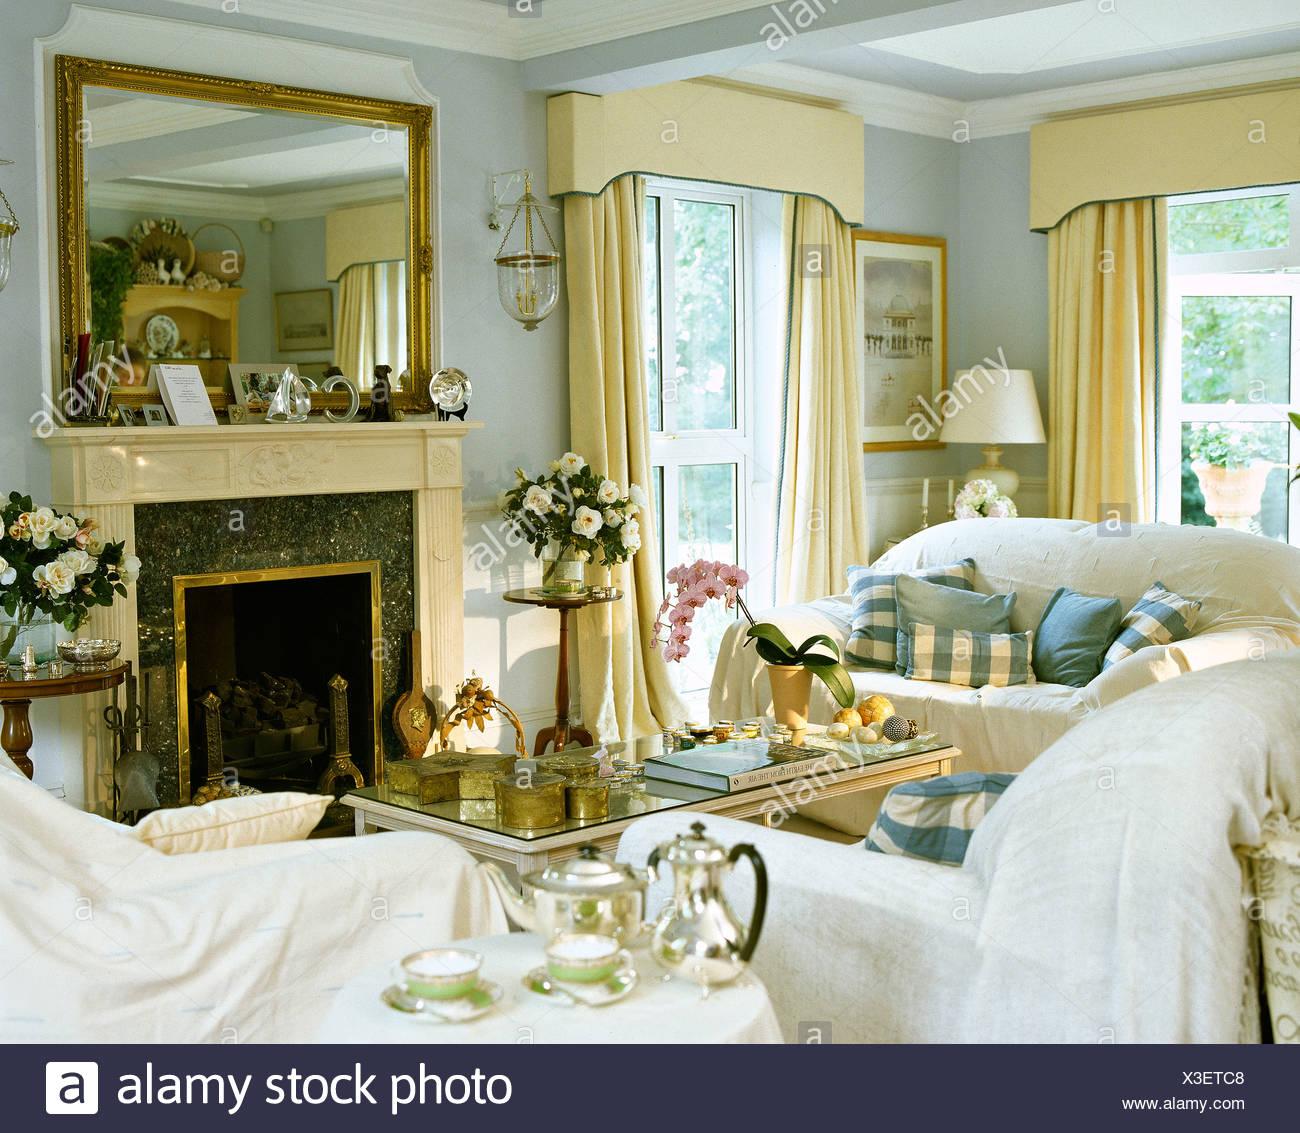 Miroir Salle De Sejour plaids blanc sur les canapés bleu pâle, salle de séjour avec